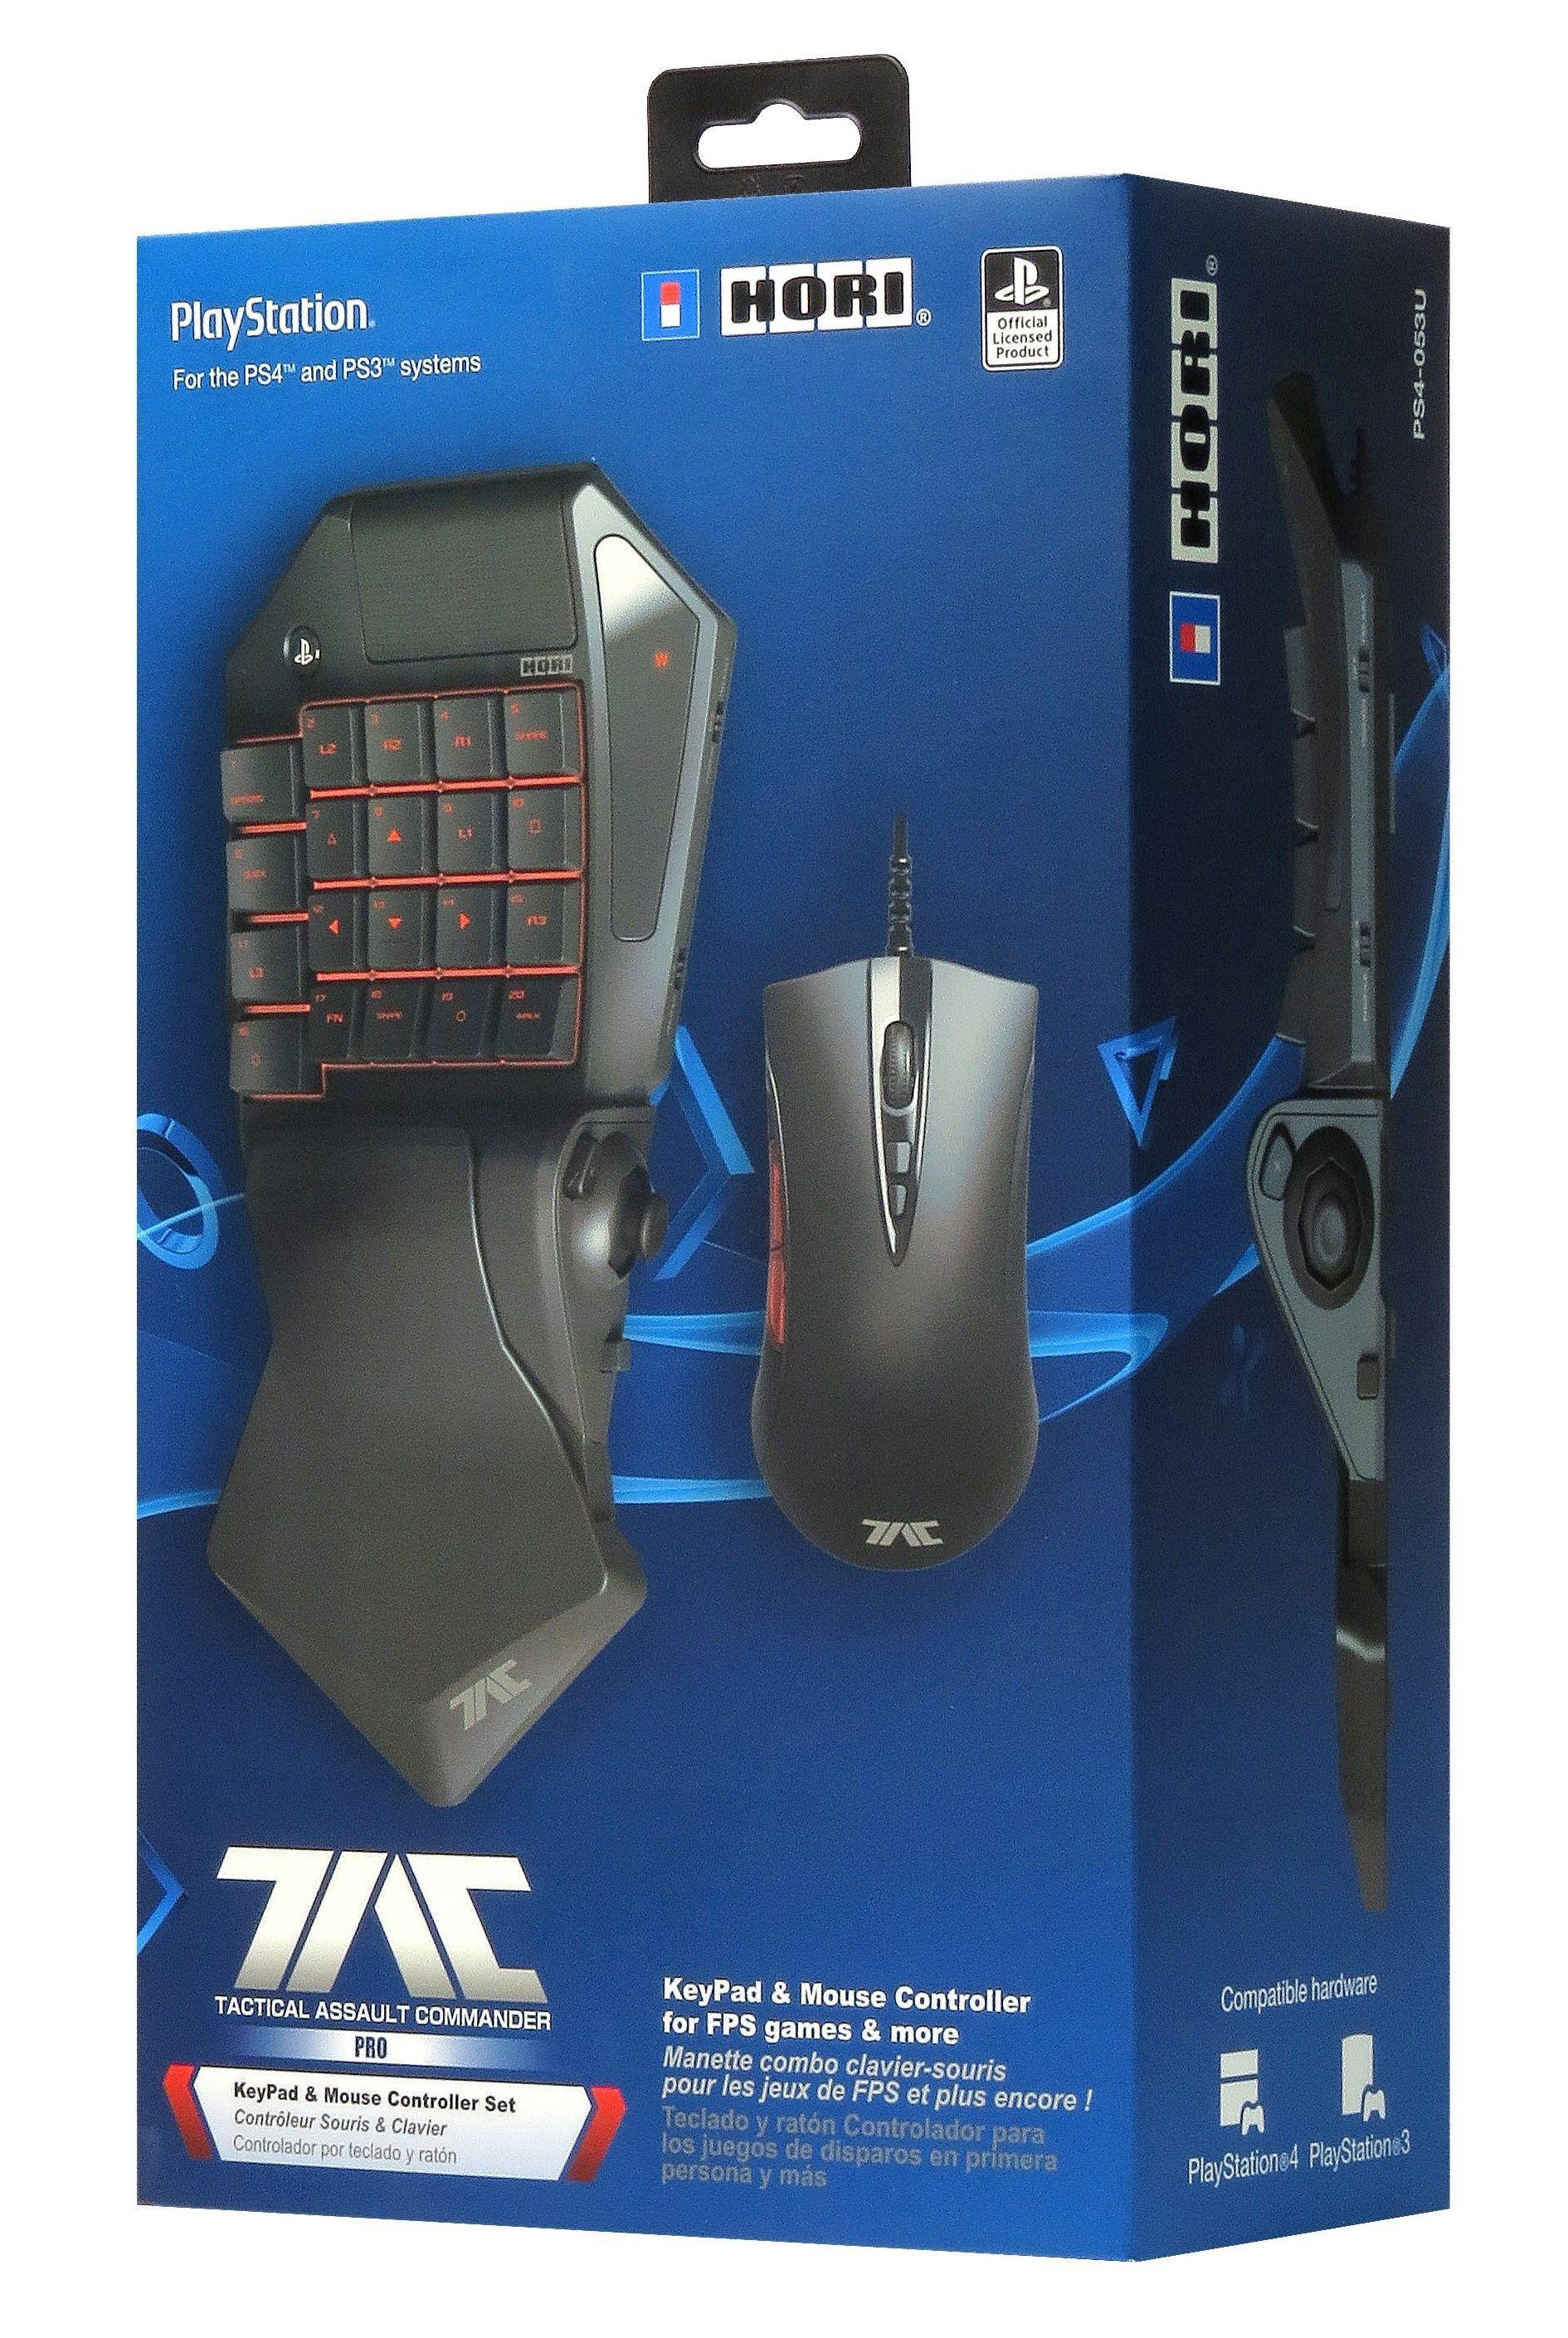 TAC Pro (Tactical Assault Commander)